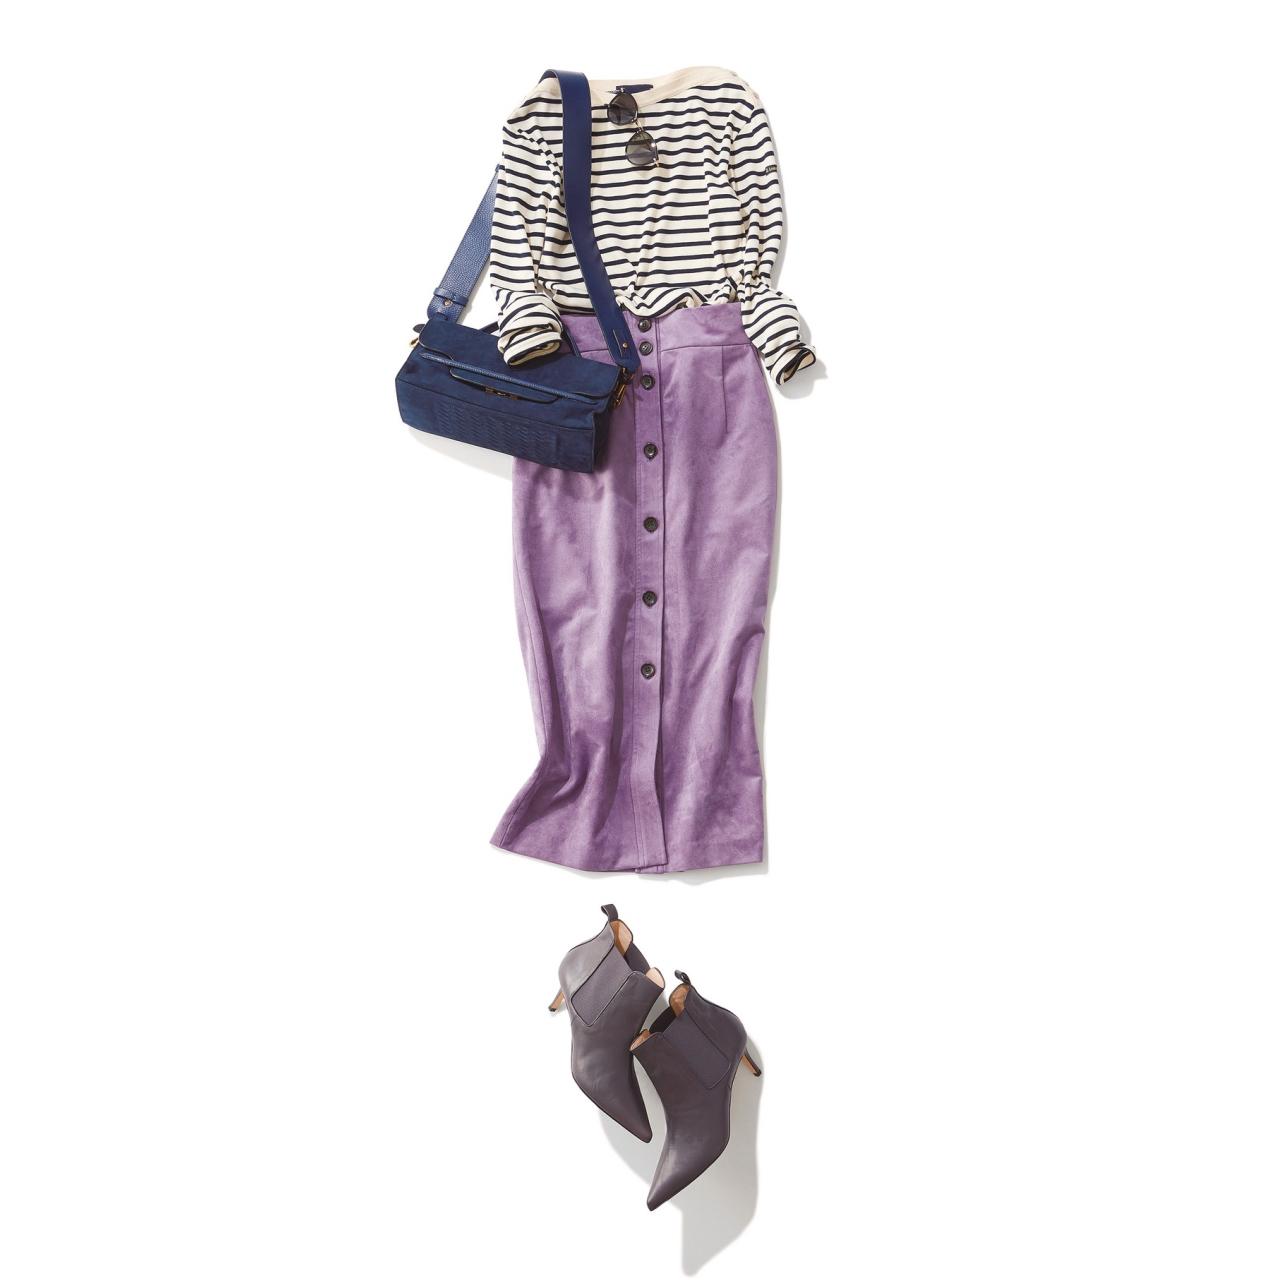 ボーダートップス×パープルスカートのファッションコーデ